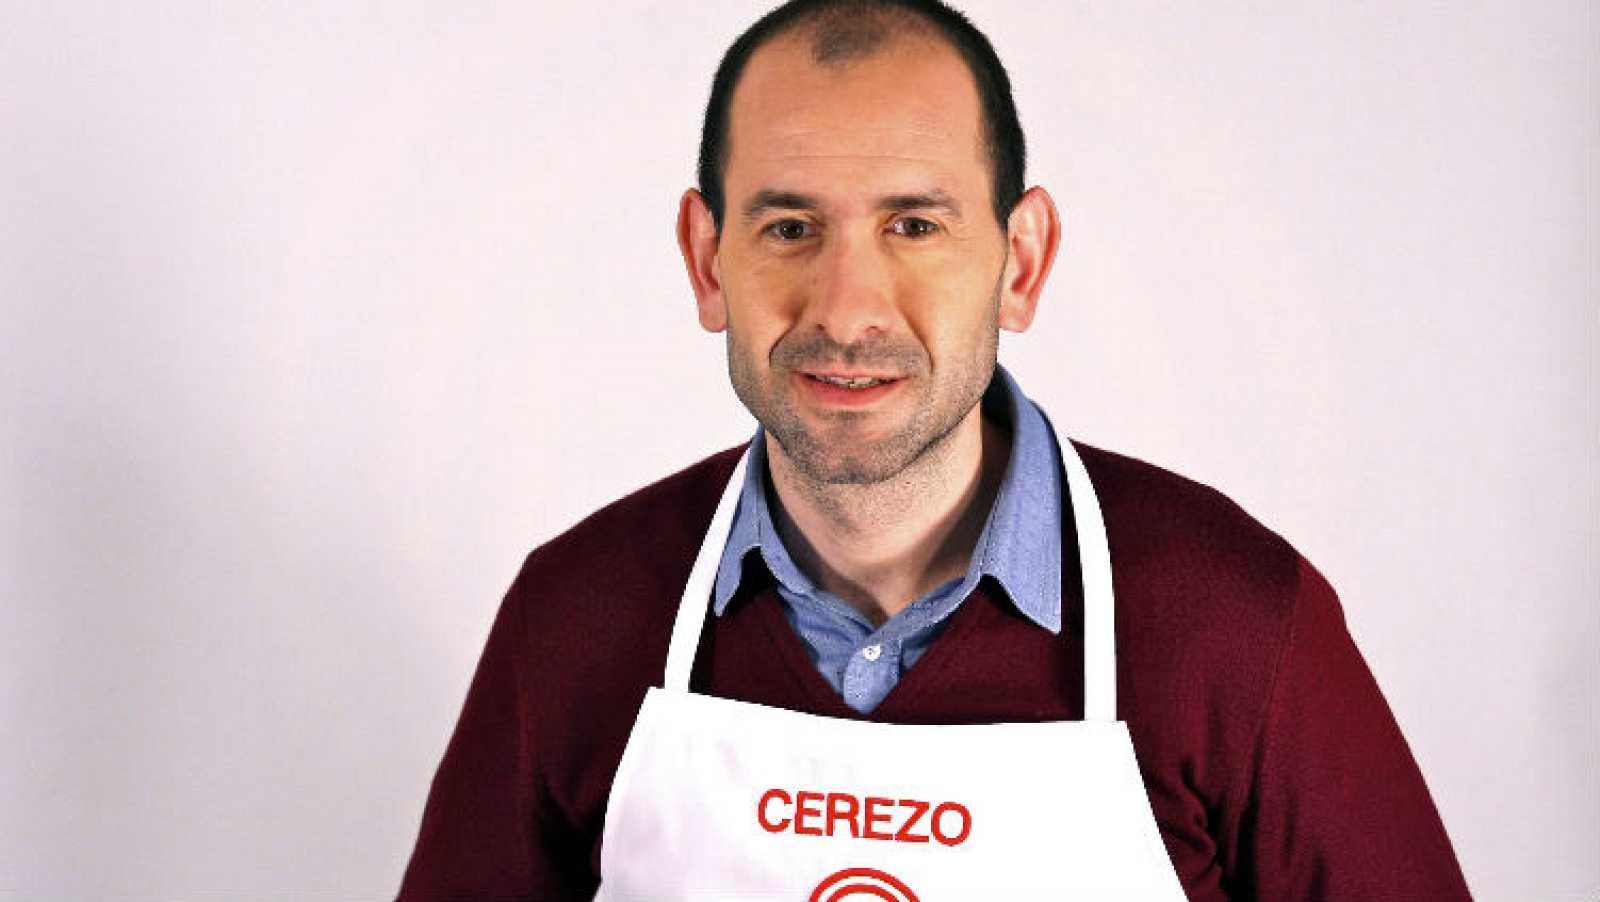 MasterChef - Cerezo. 37 años, soldador (Teruel)